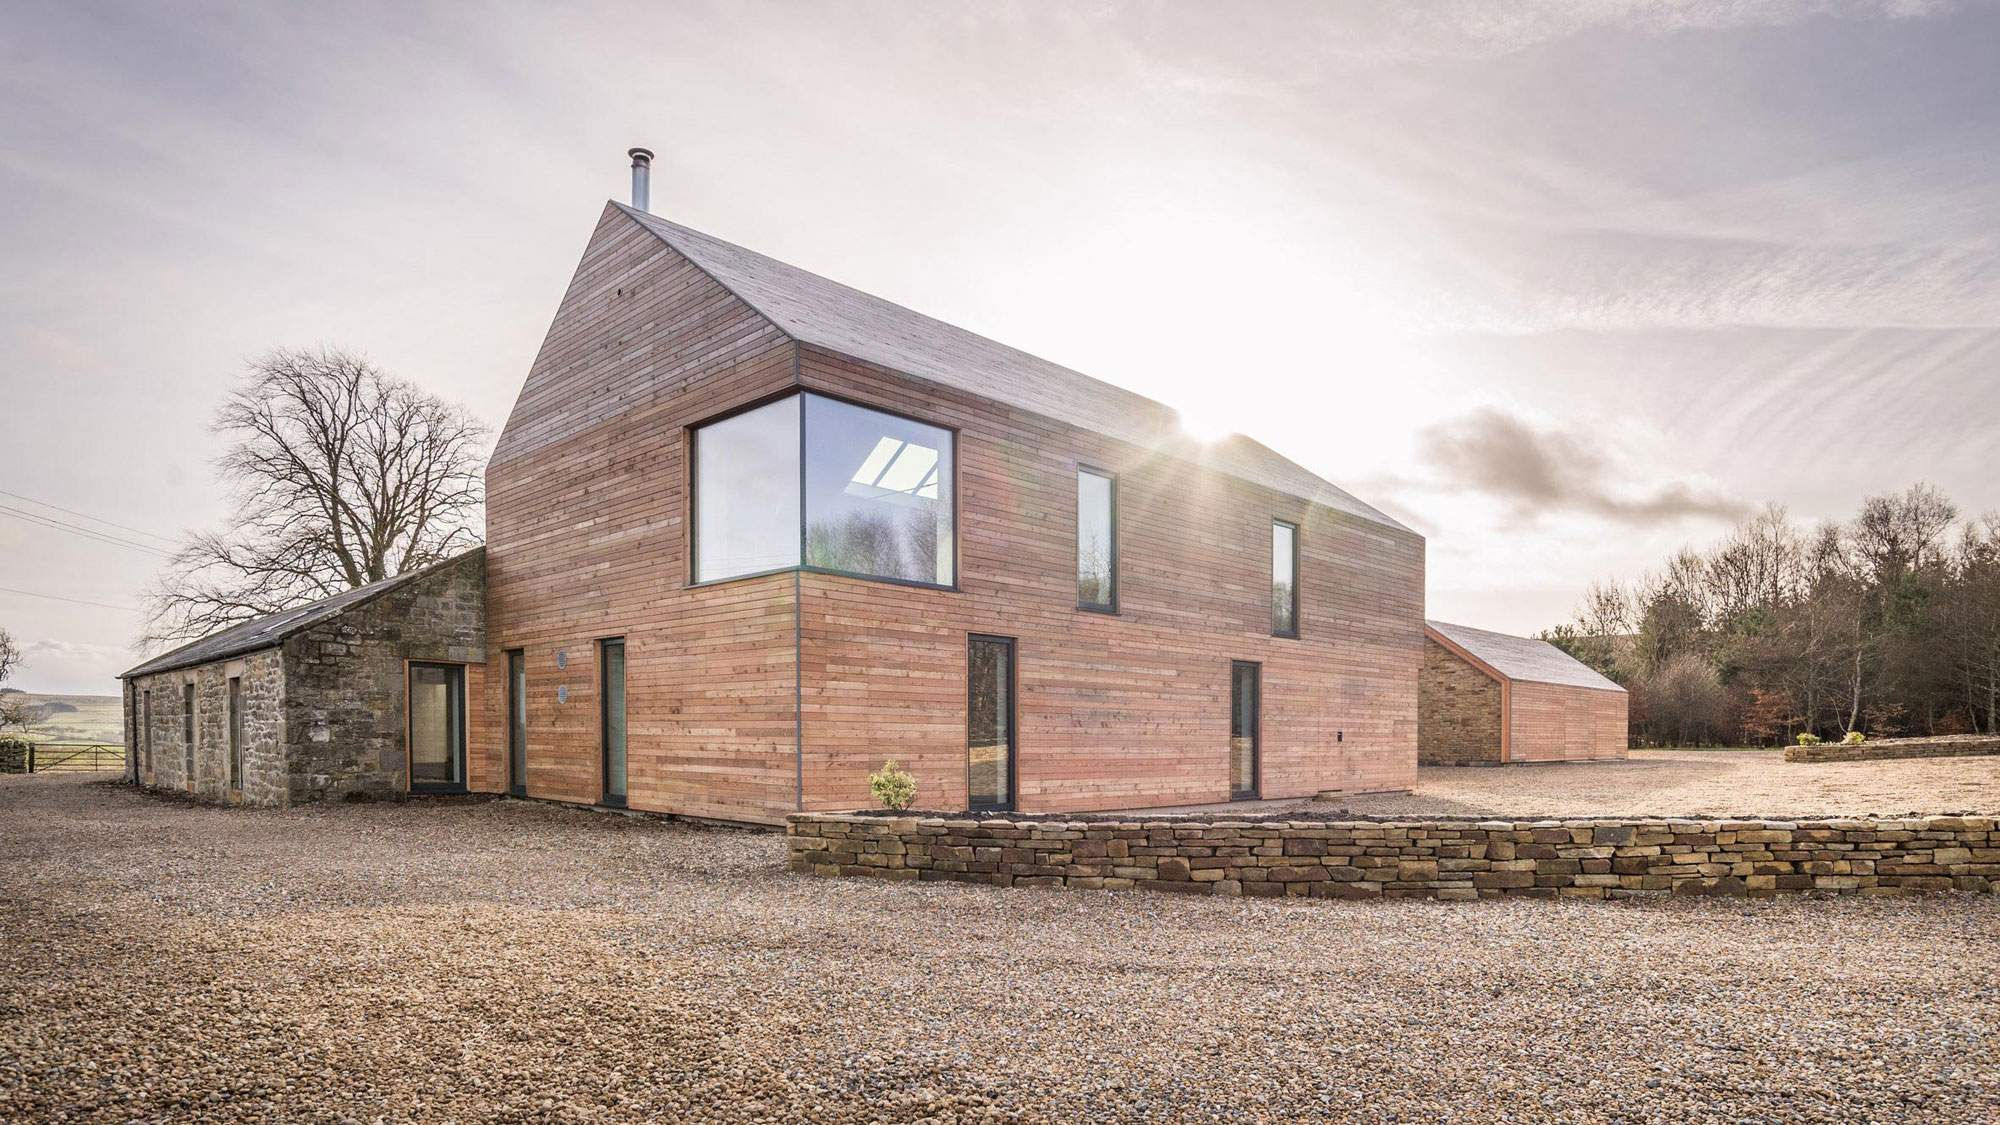 Реконструкция старого фермерского дома в Англии